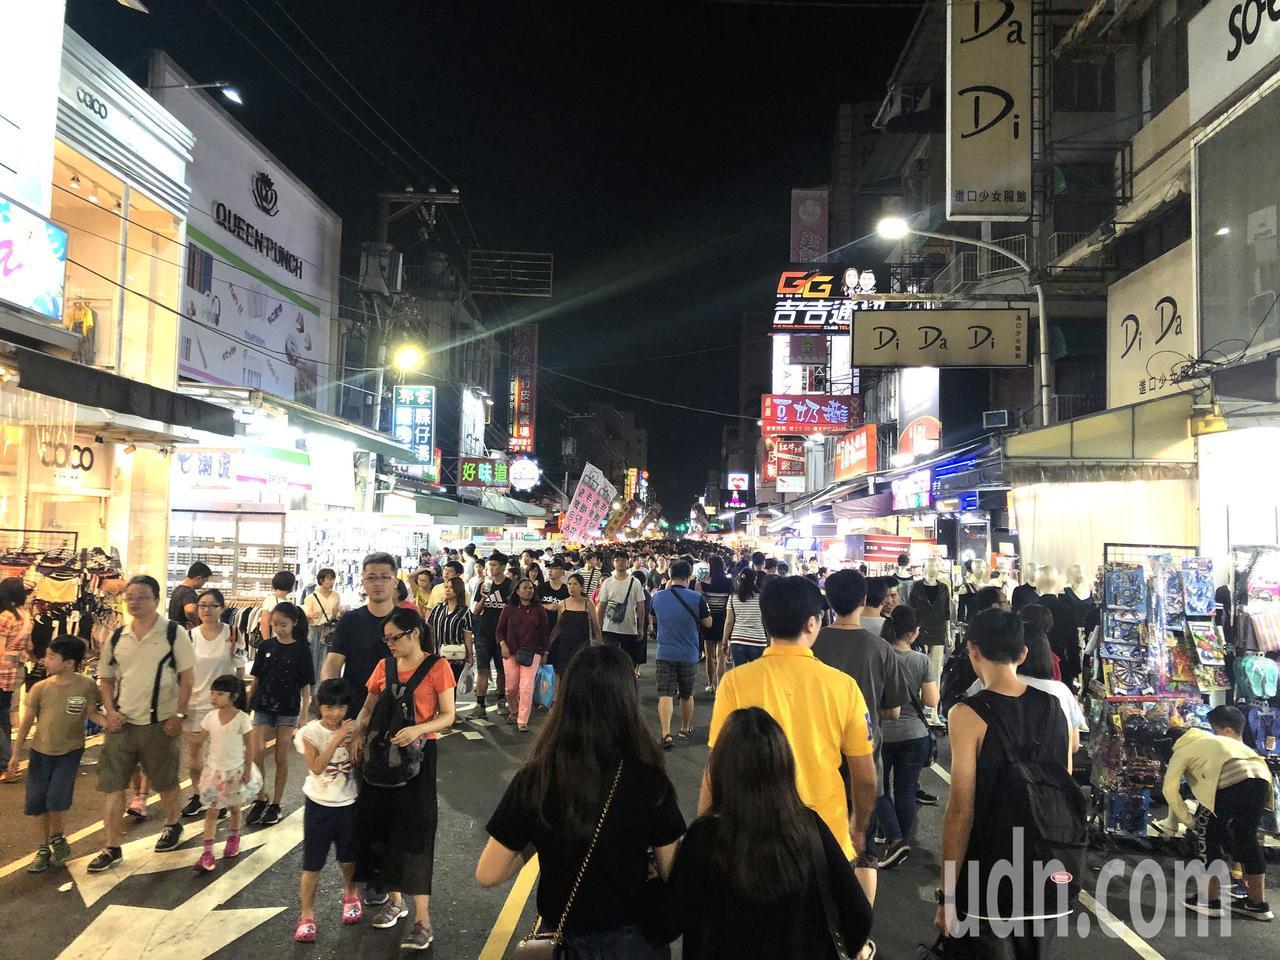 嘉義市文化路觀光夜市人潮滿滿。記者魯永明/攝影